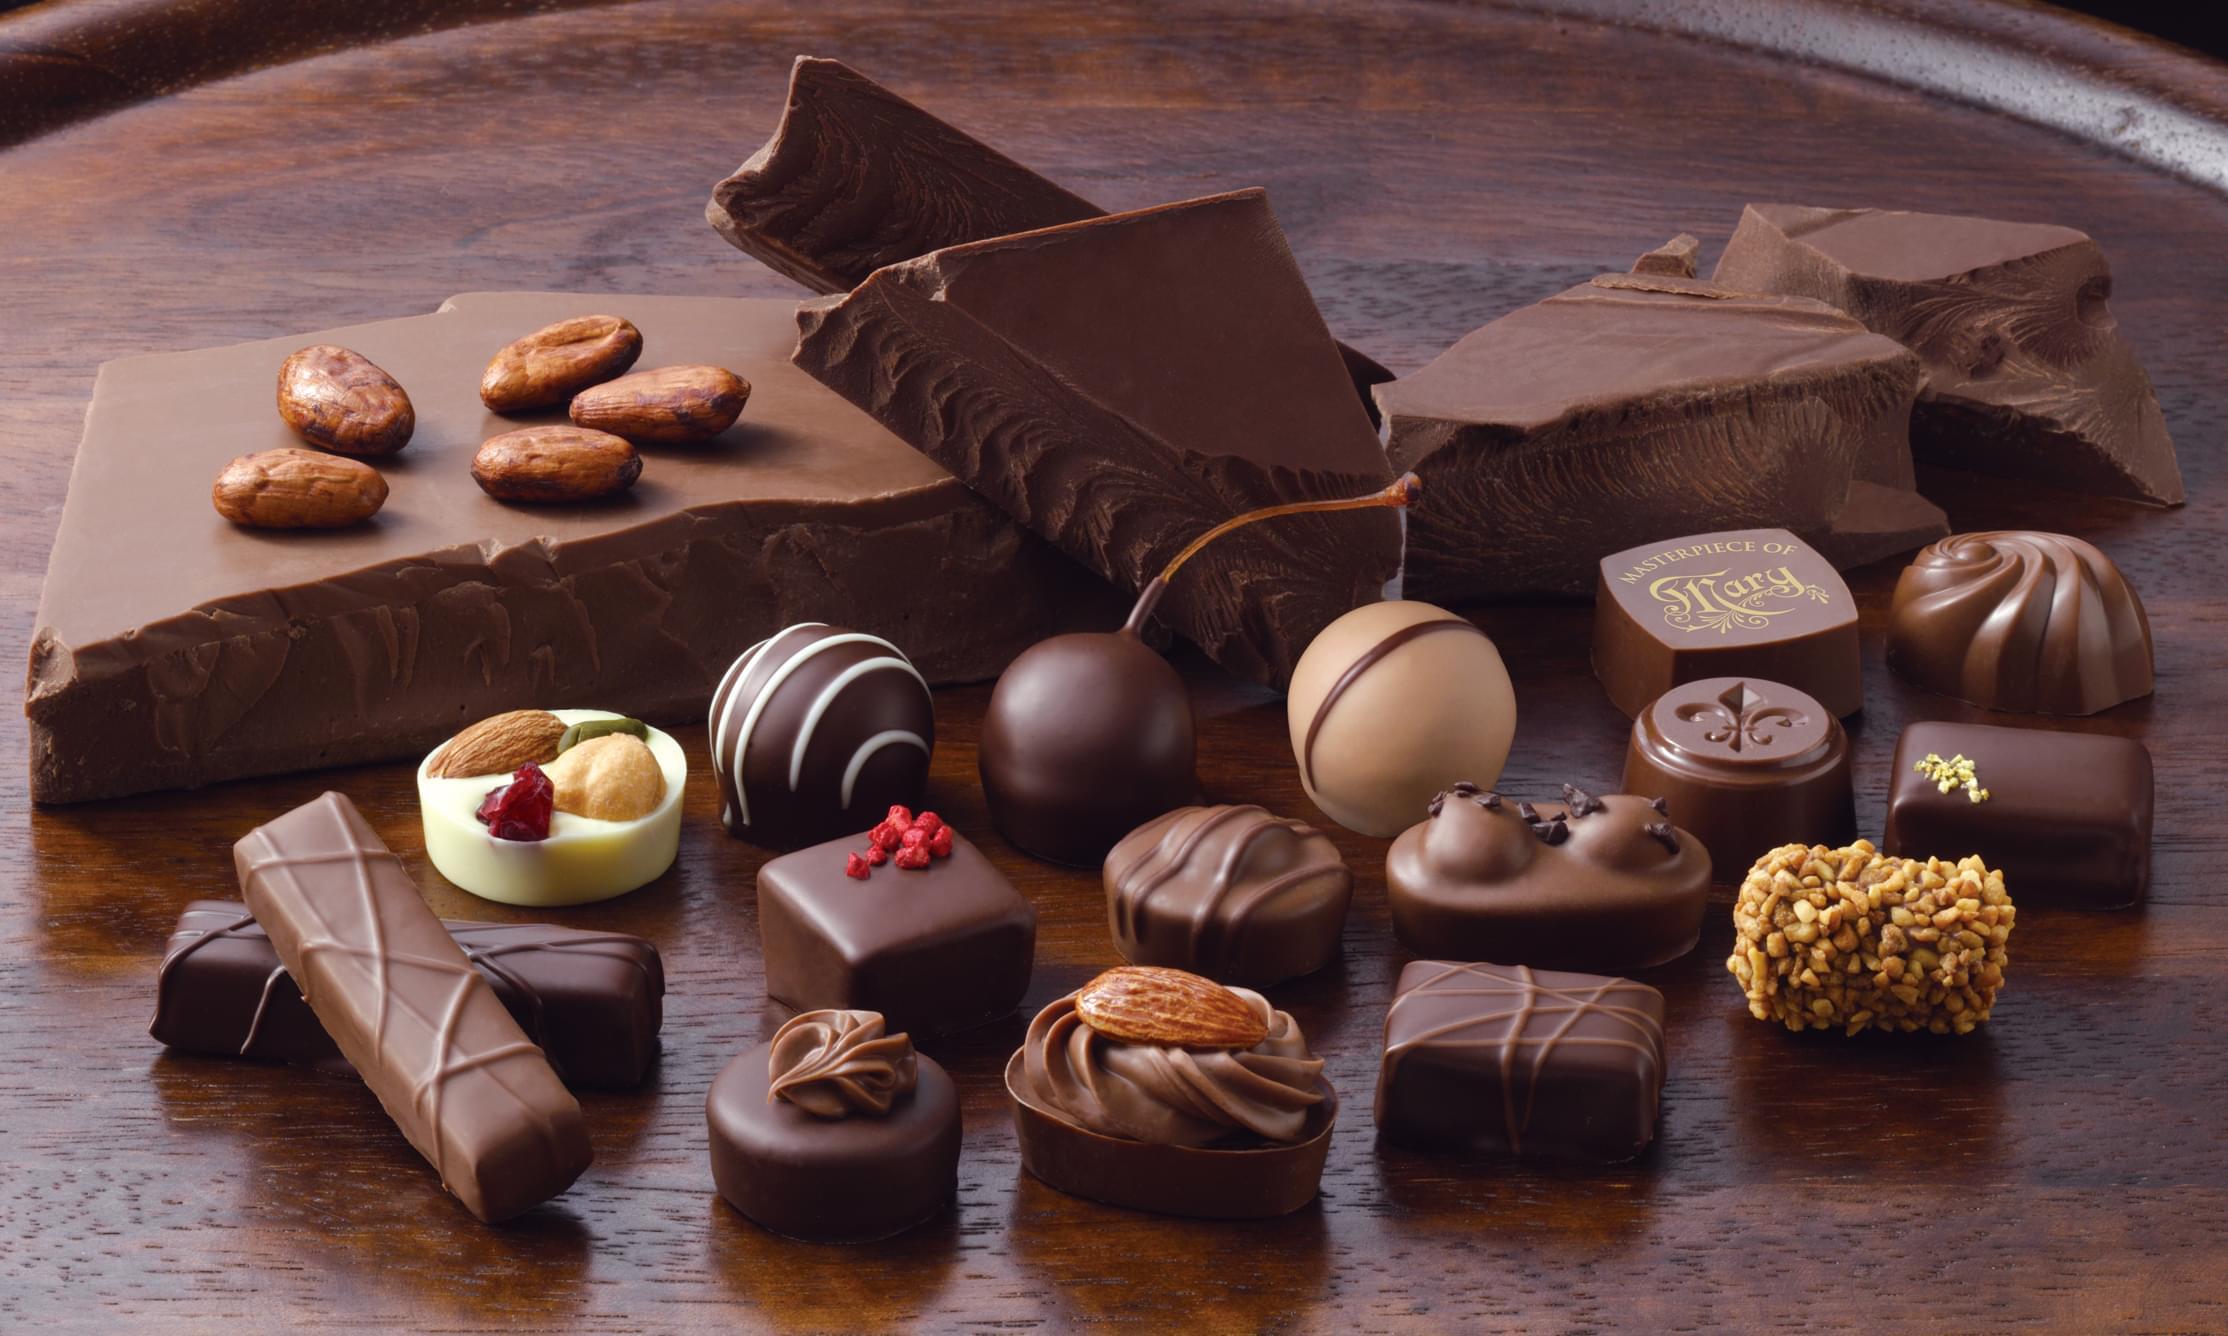 表参道ヒルズにある人気のチョコレート専門店!とろける美味しさに感動♡